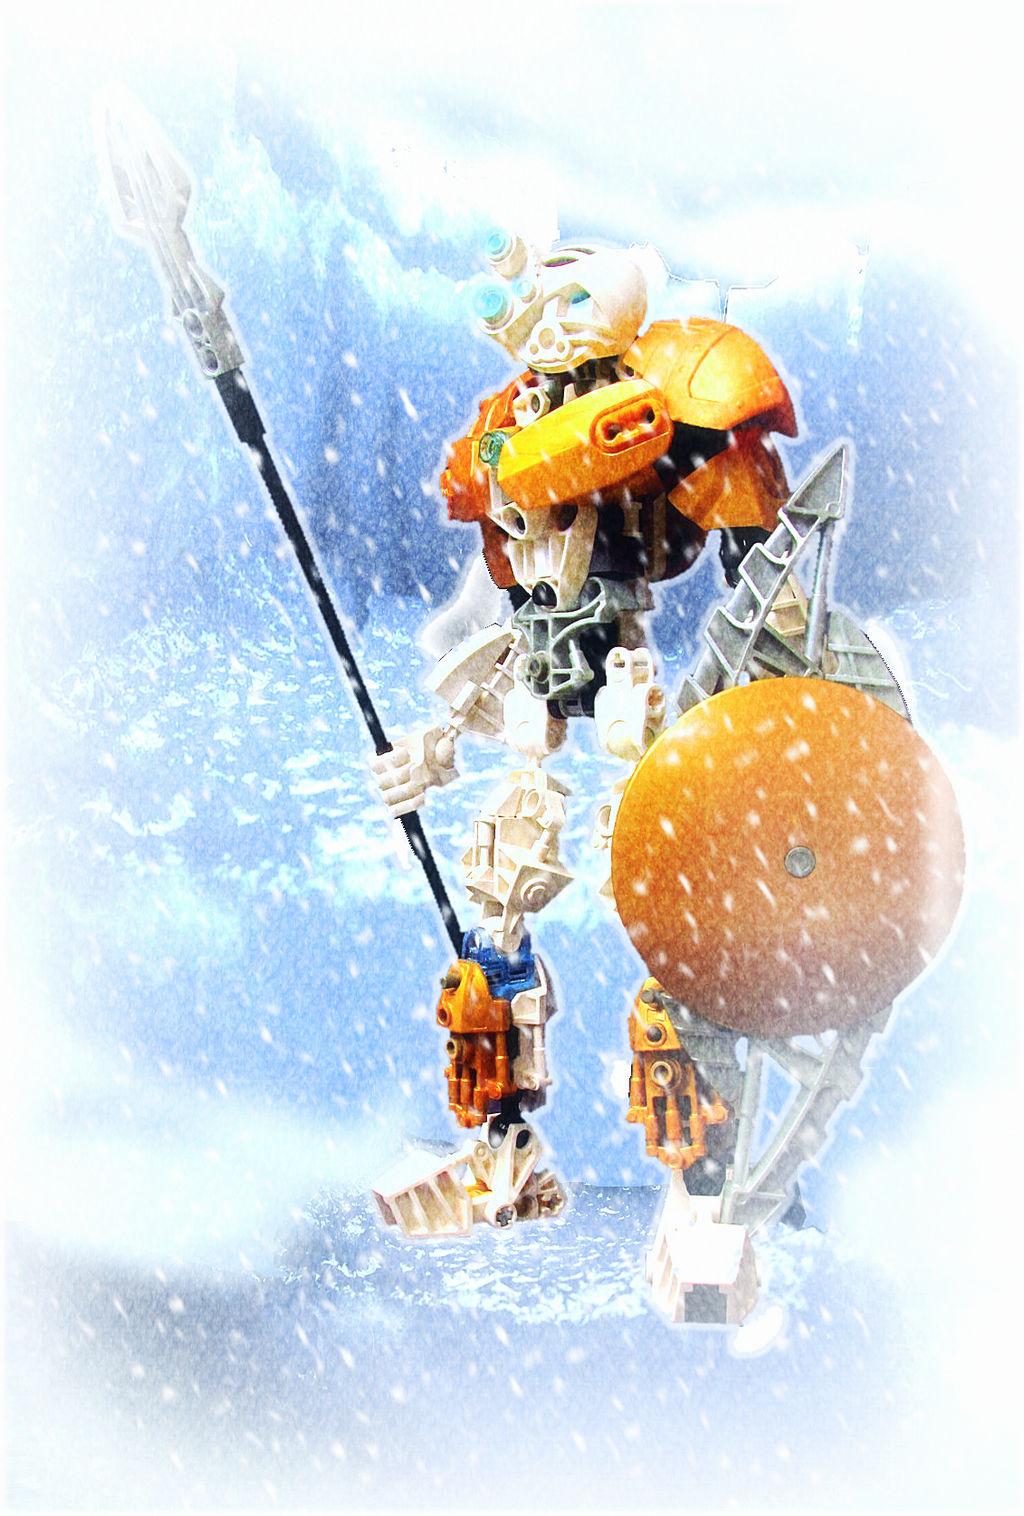 kopaka master of ice